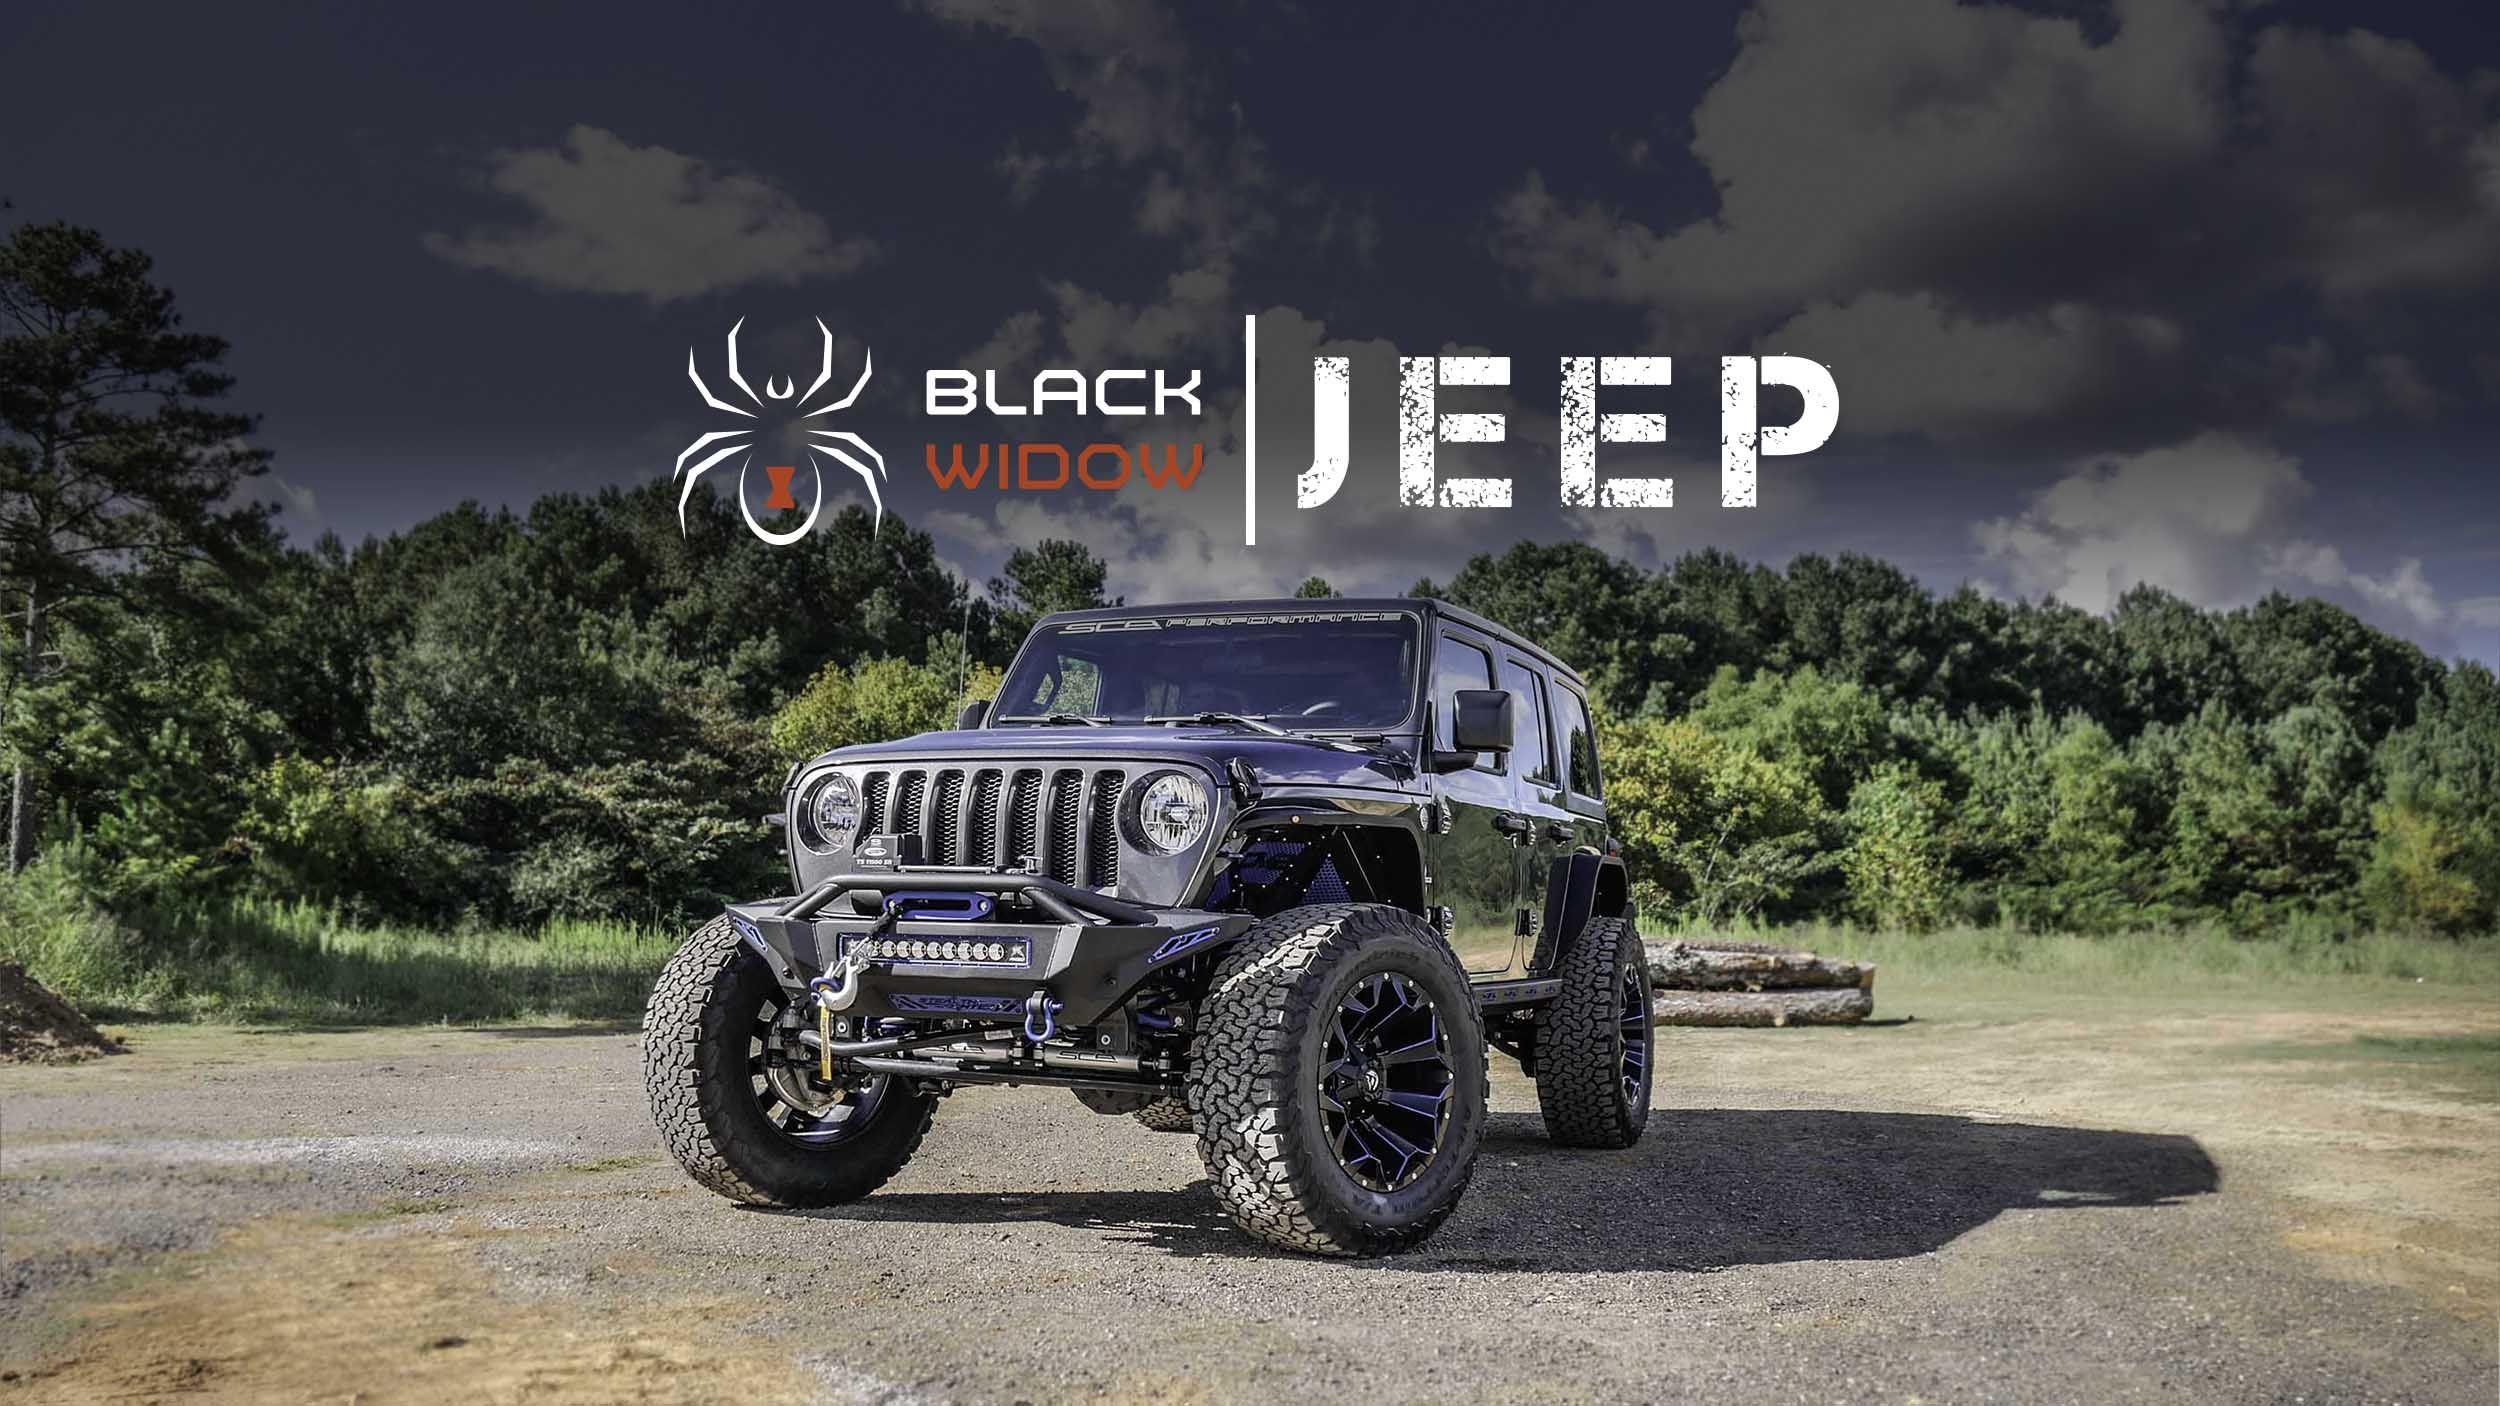 Jeep Jl Black Widow Custom Lifted Jeeps Sca Performance Black